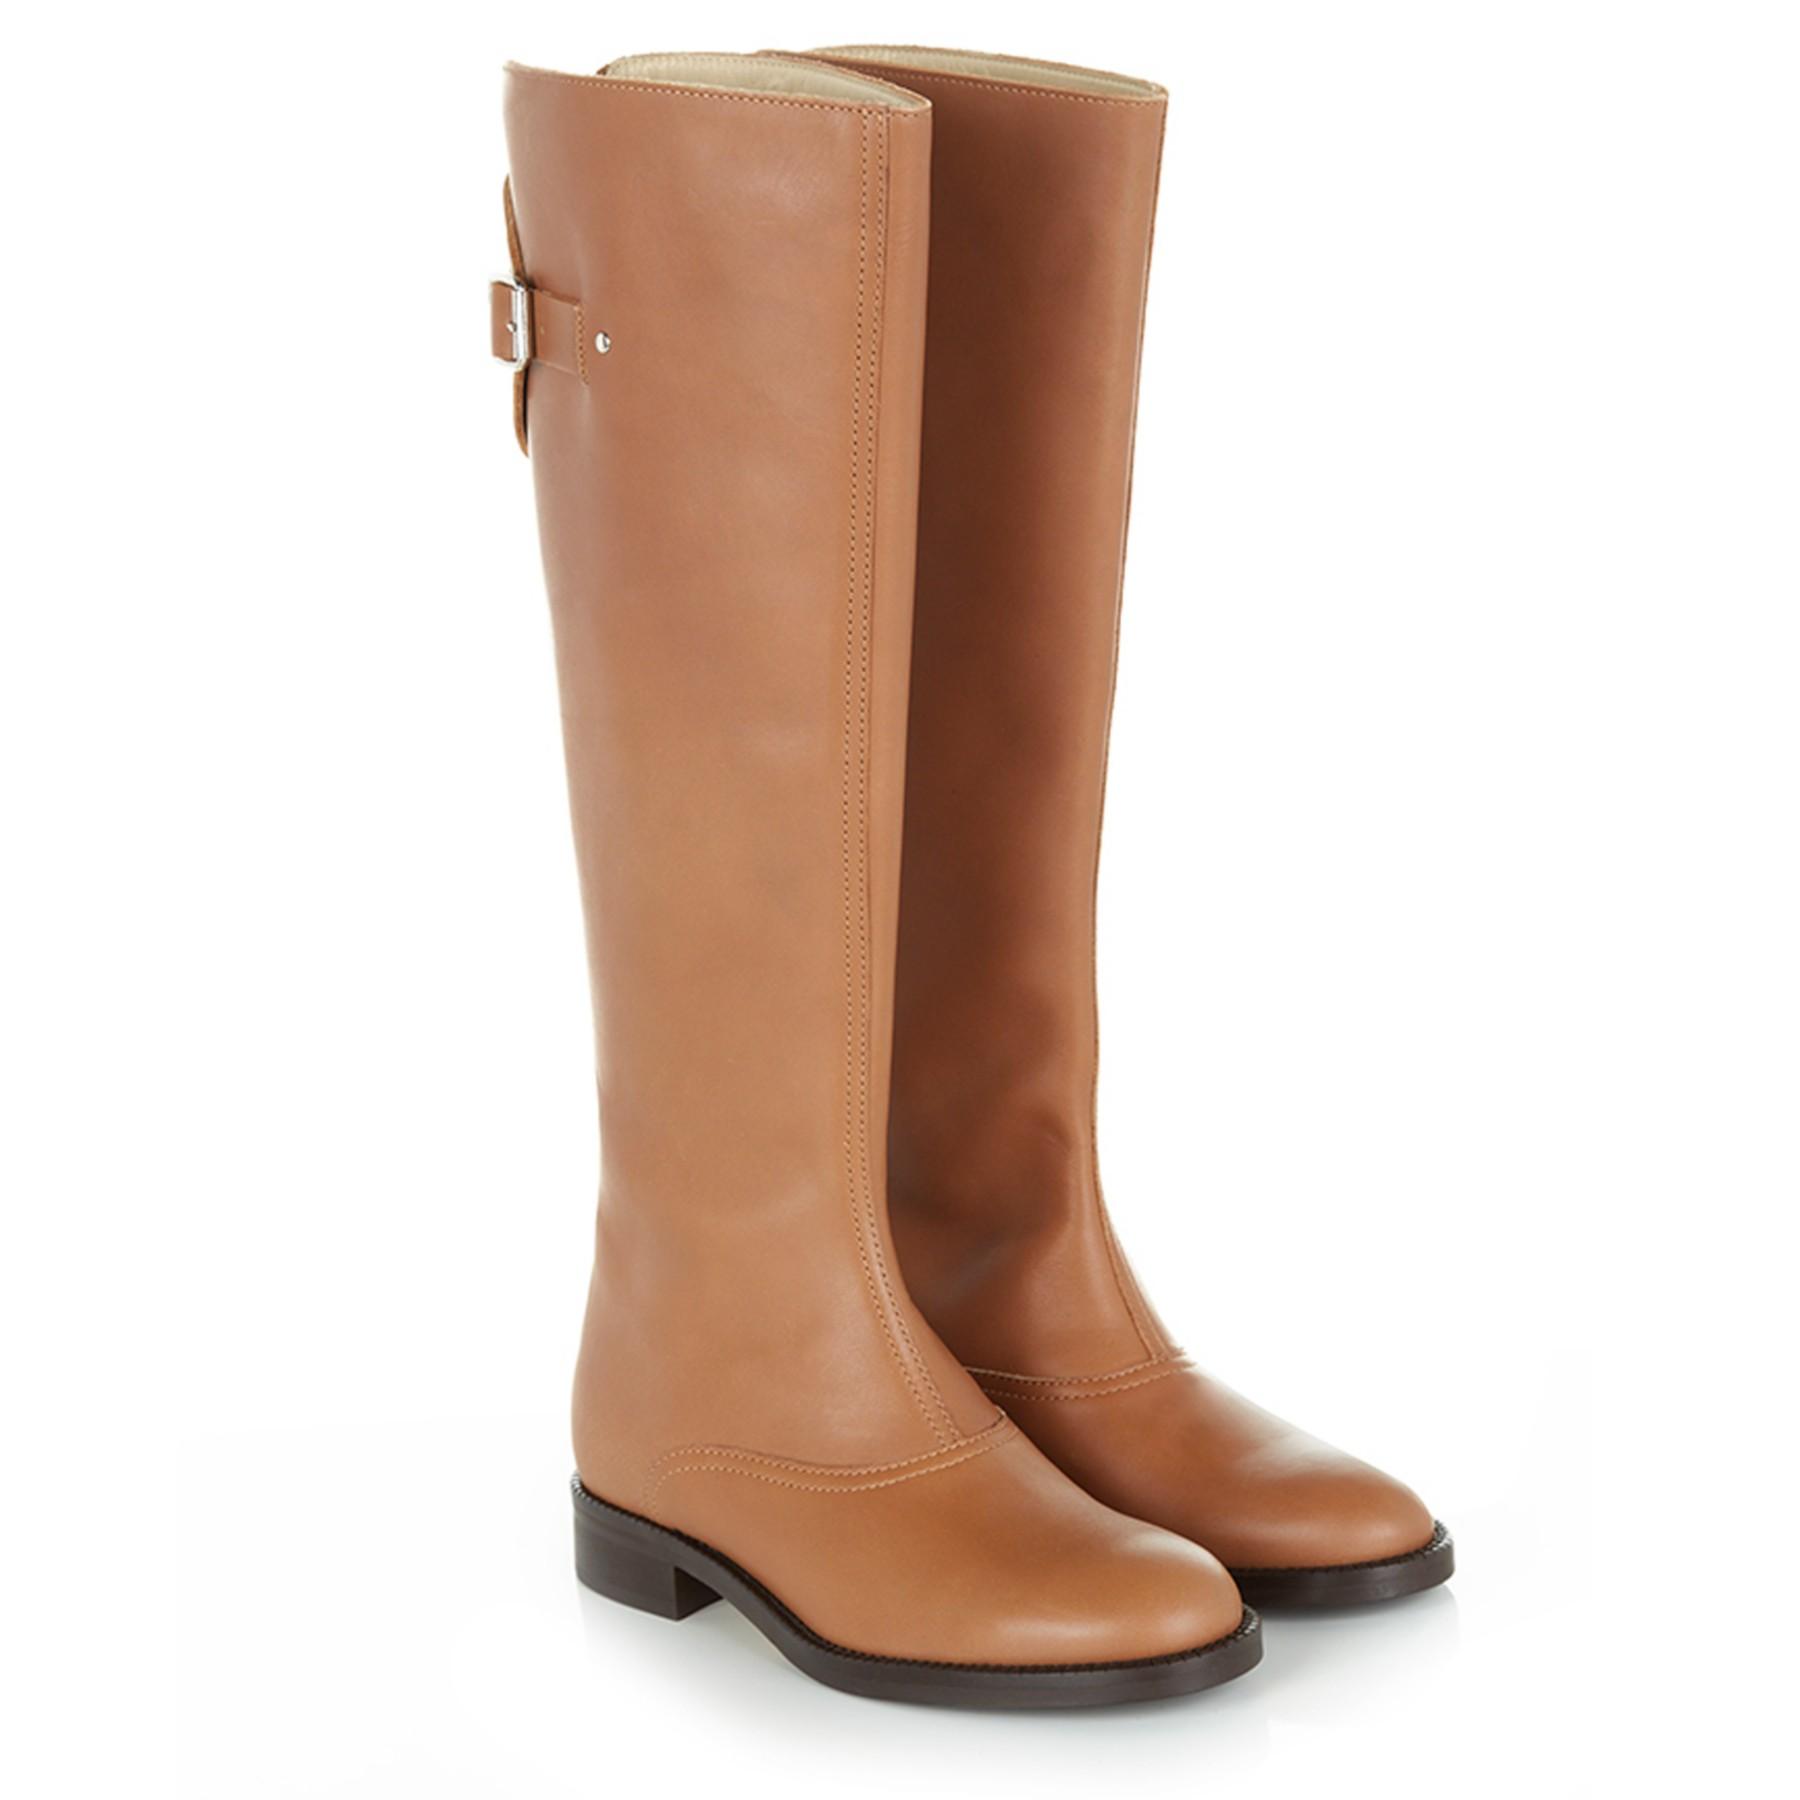 Hobbs Gillie Longboot Knee Boots in Tan (Brown)